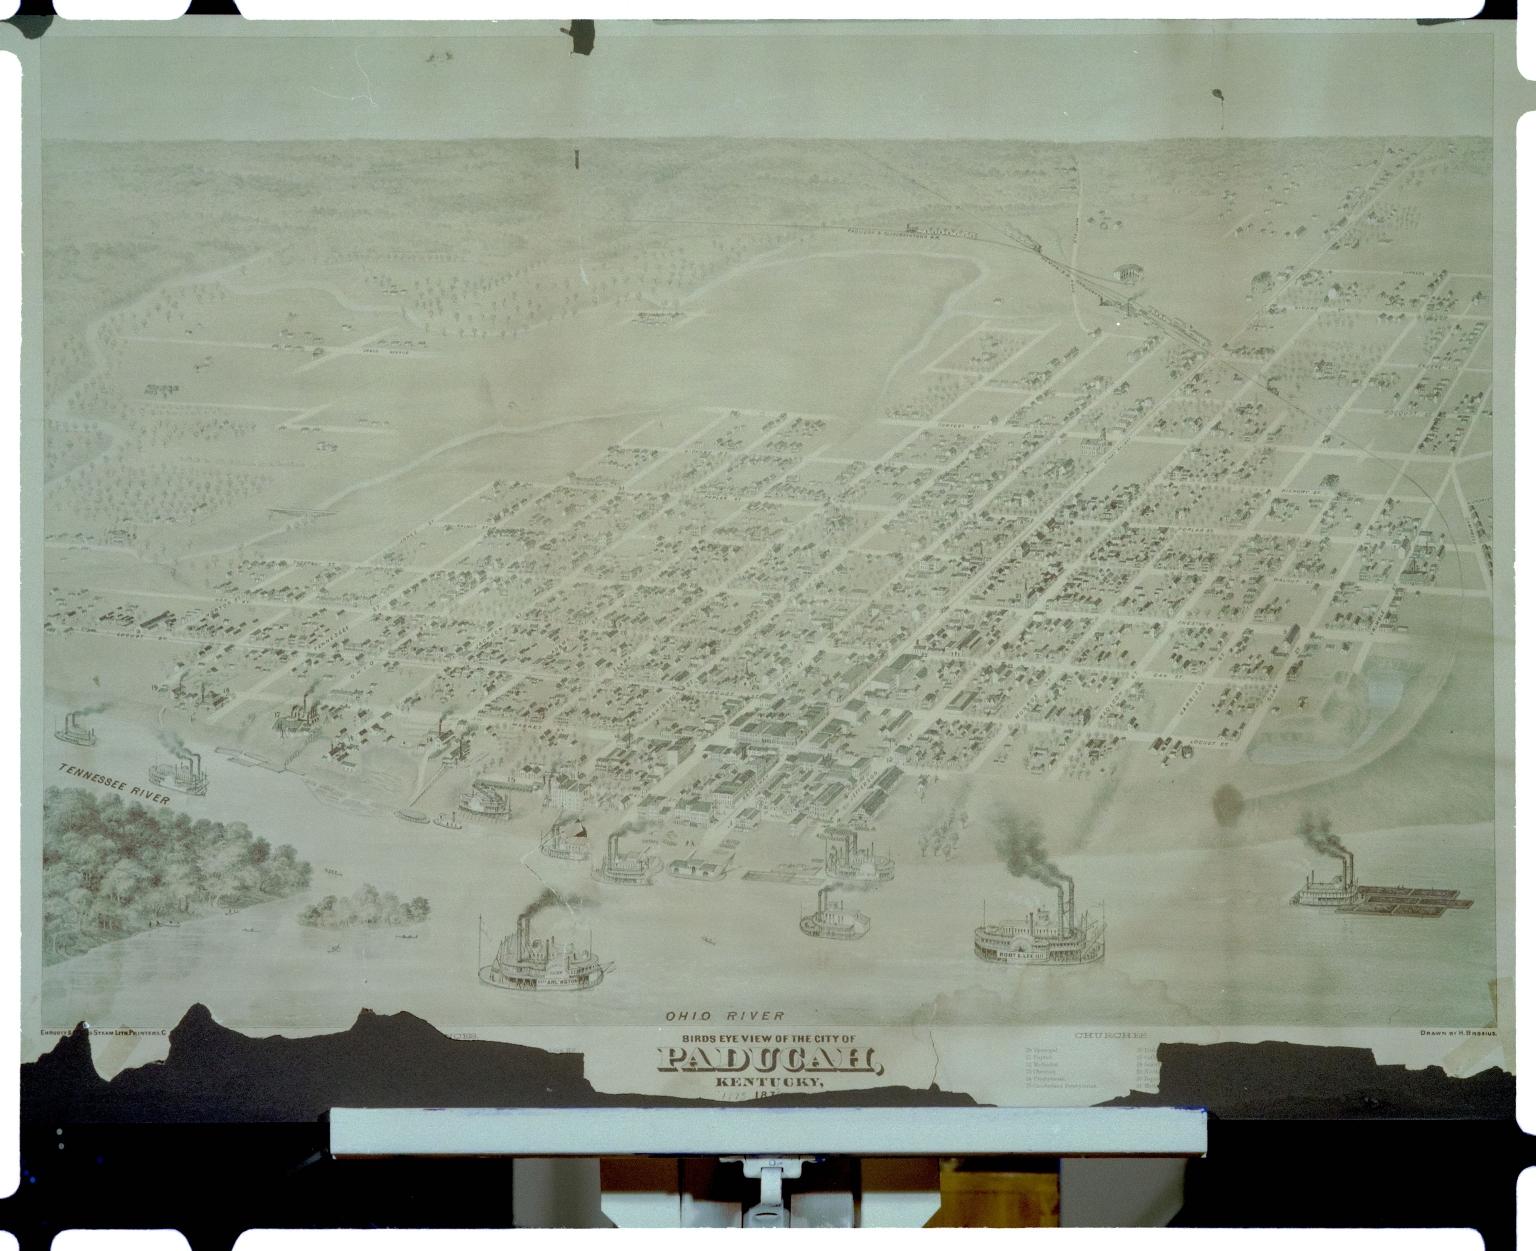 1873 Map of Paducah